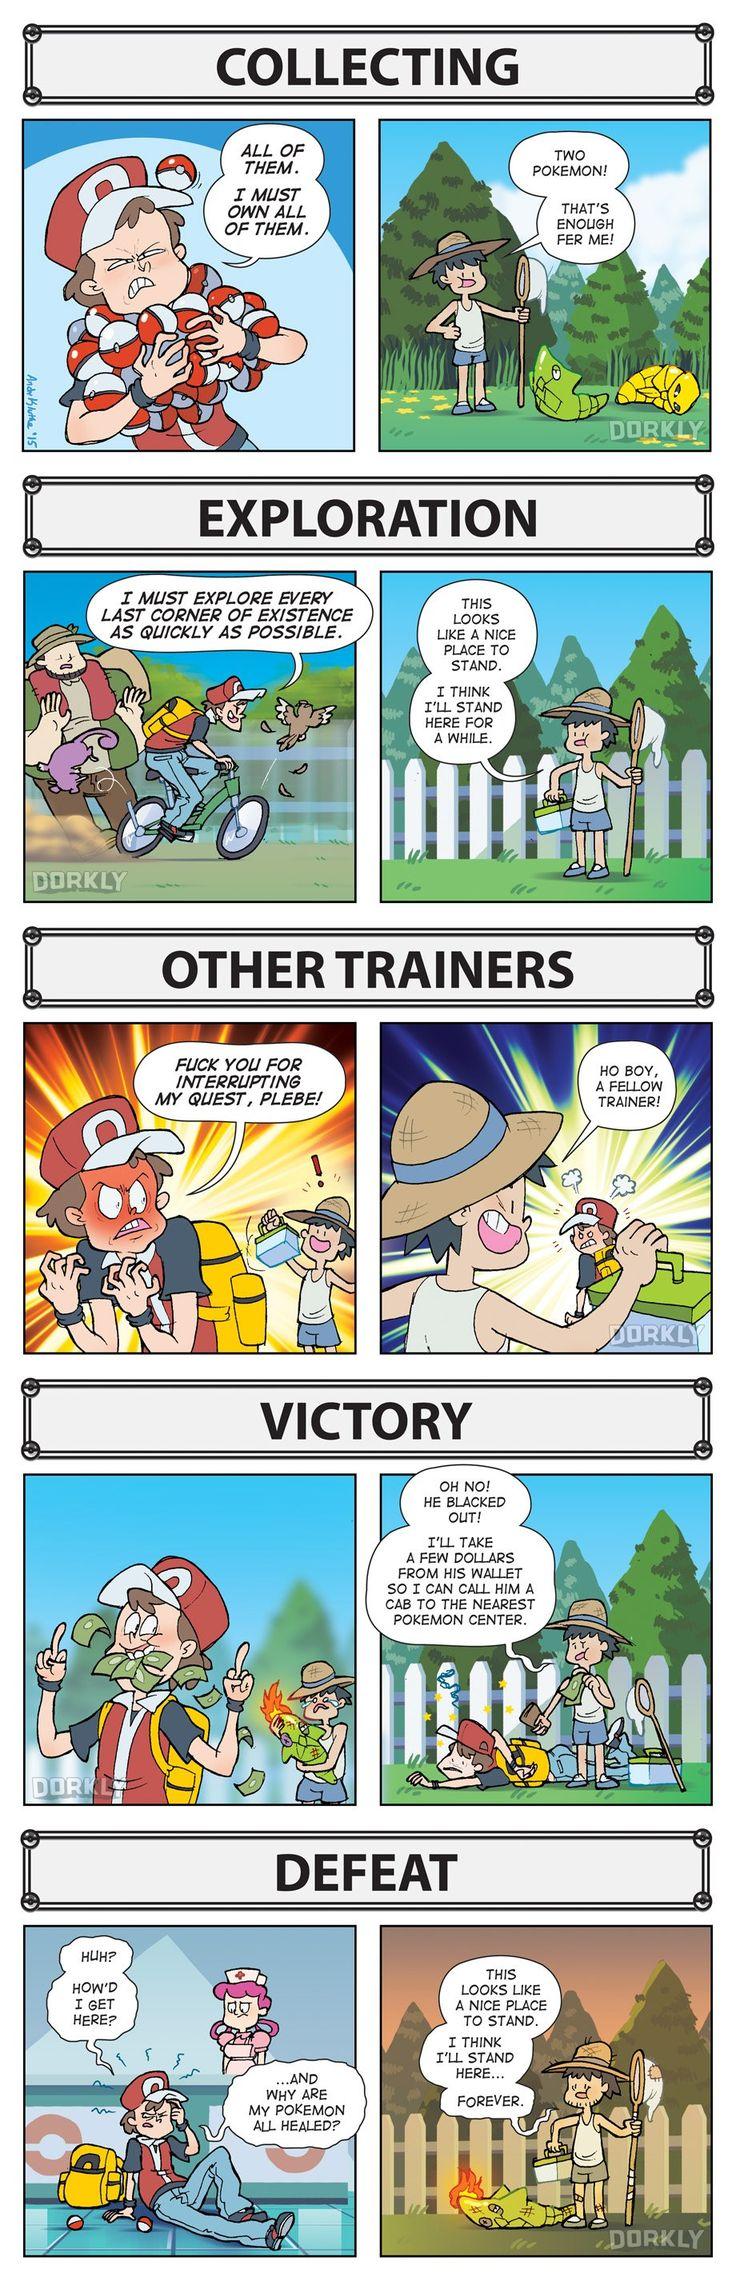 128 best pokemon images on pinterest pokemon stuff pokemon